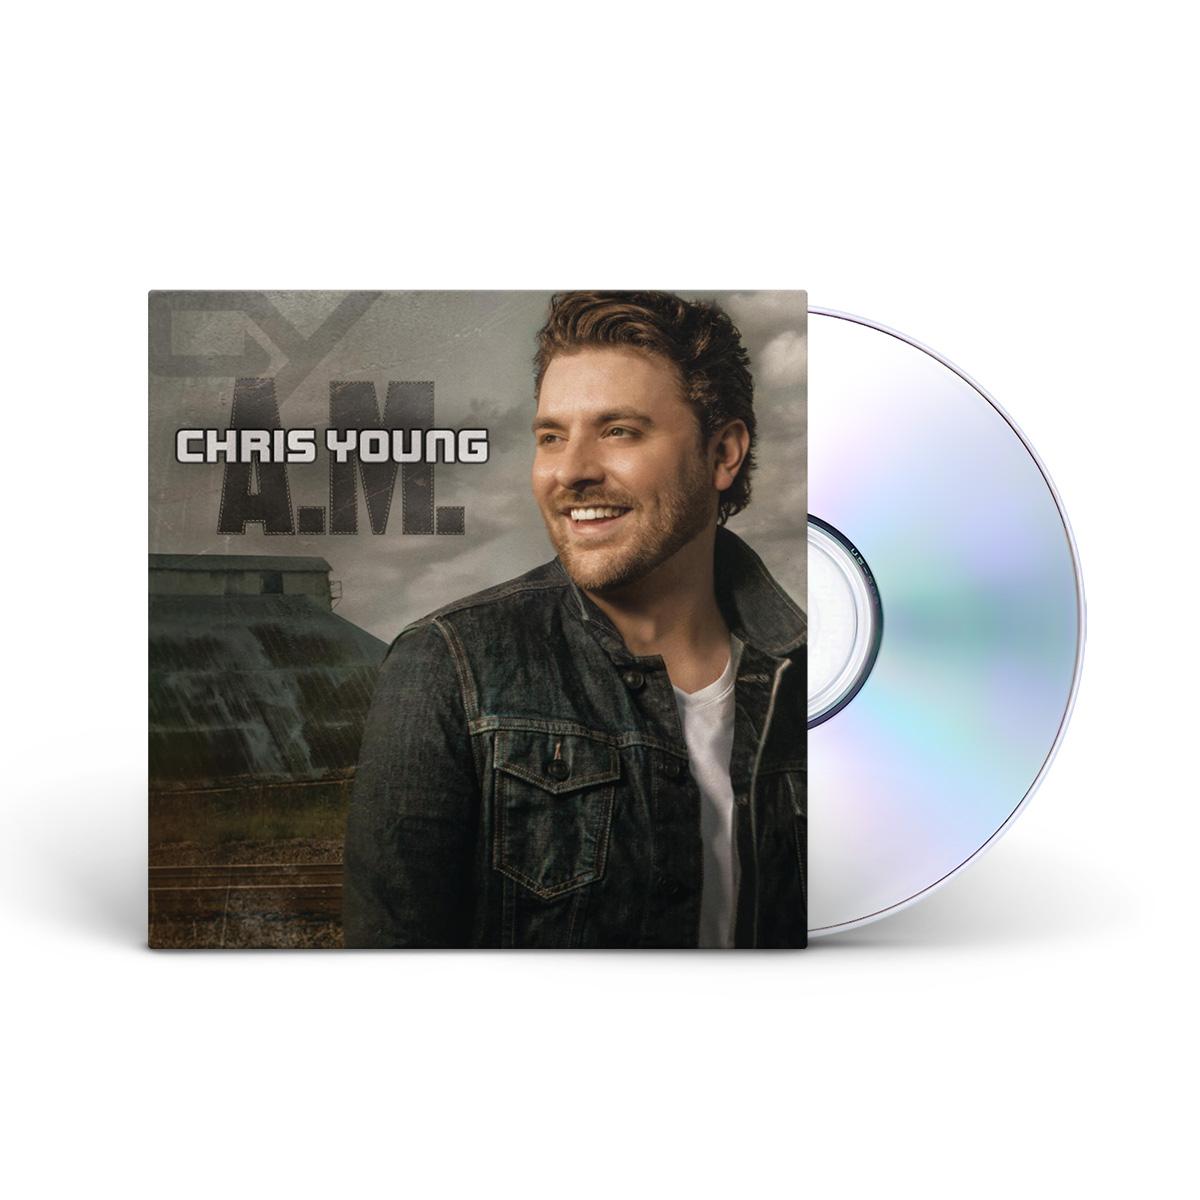 Chris Young: A.M. CD